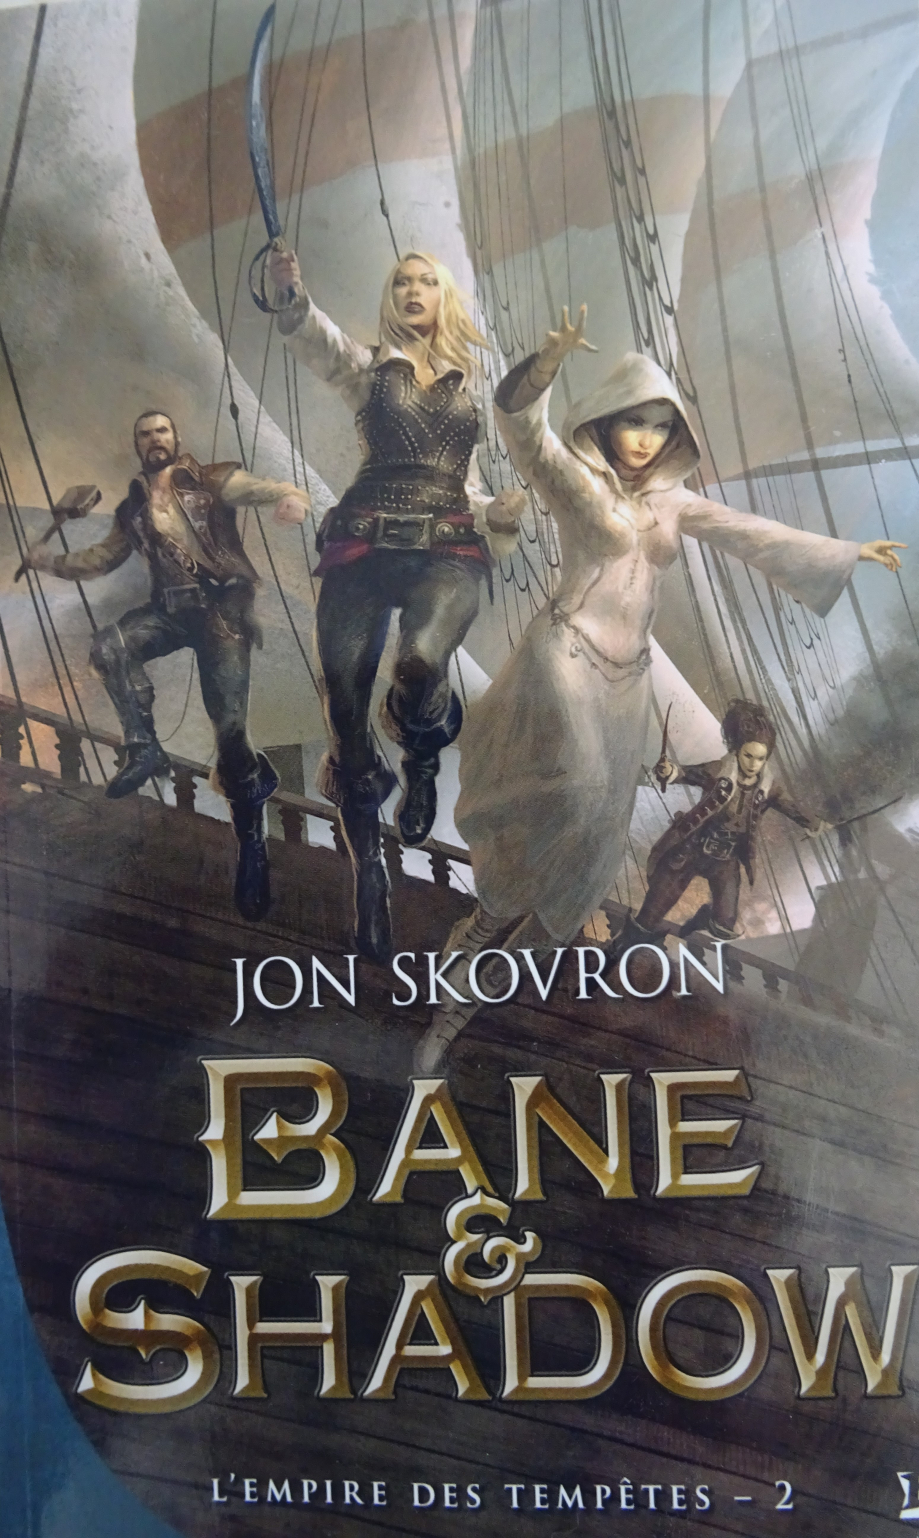 Séduit par le premier tome (HOPE&RED) cette deuxième partie de (L'EMPRISE DES TEMPETES) se montre particulièrement redoutable d'action et d'intensité. oscillant entre la piraterie (l'ombre de pirates des caraïbes plane sur le roman) la fantasy, l'horreur (l'attaque du bateau de RED par les requins lutins est un véritable massacre) est remarquable de réalisme. s'ajoute à cela, la magie, des personnages charismatiques, des combats titanesques (la formidable bataille épique sur plus de 30 pages du chapitre 27) réussi à achever le lecteur et justifie pleinement l'achat du roman. et, bien sur, on en redemande. une suite qui prend en haleine du début à la fin. j'ai vraiment apprécié cette nouvelle aventure de JON SKOVRON un véritable coup de cœur pour ce tome, à tel point, qu'il constitue l'une des plus grandes surprises et une des plus intéressantes lectures de cette année. pour conclure, eh bien, vivement la suite.